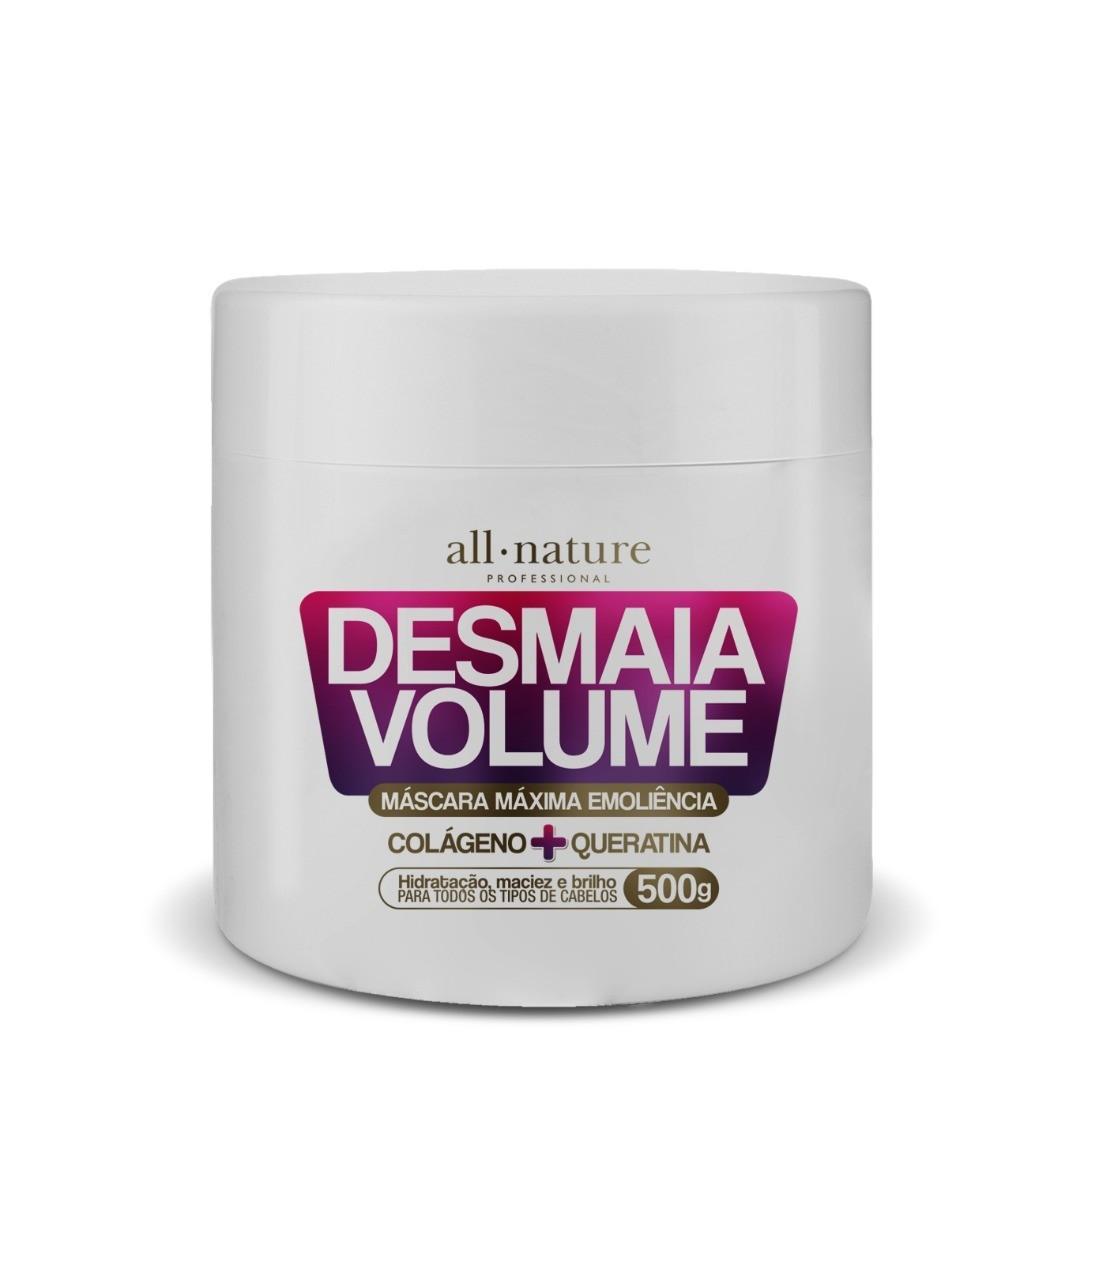 Máscaras  Desmaia Volume colágeno e Queratina 500g All Nature 2 Unids. e Máscara Desmaia Volume Queratina e Óleo de Coco 450g  Triox 1 und.